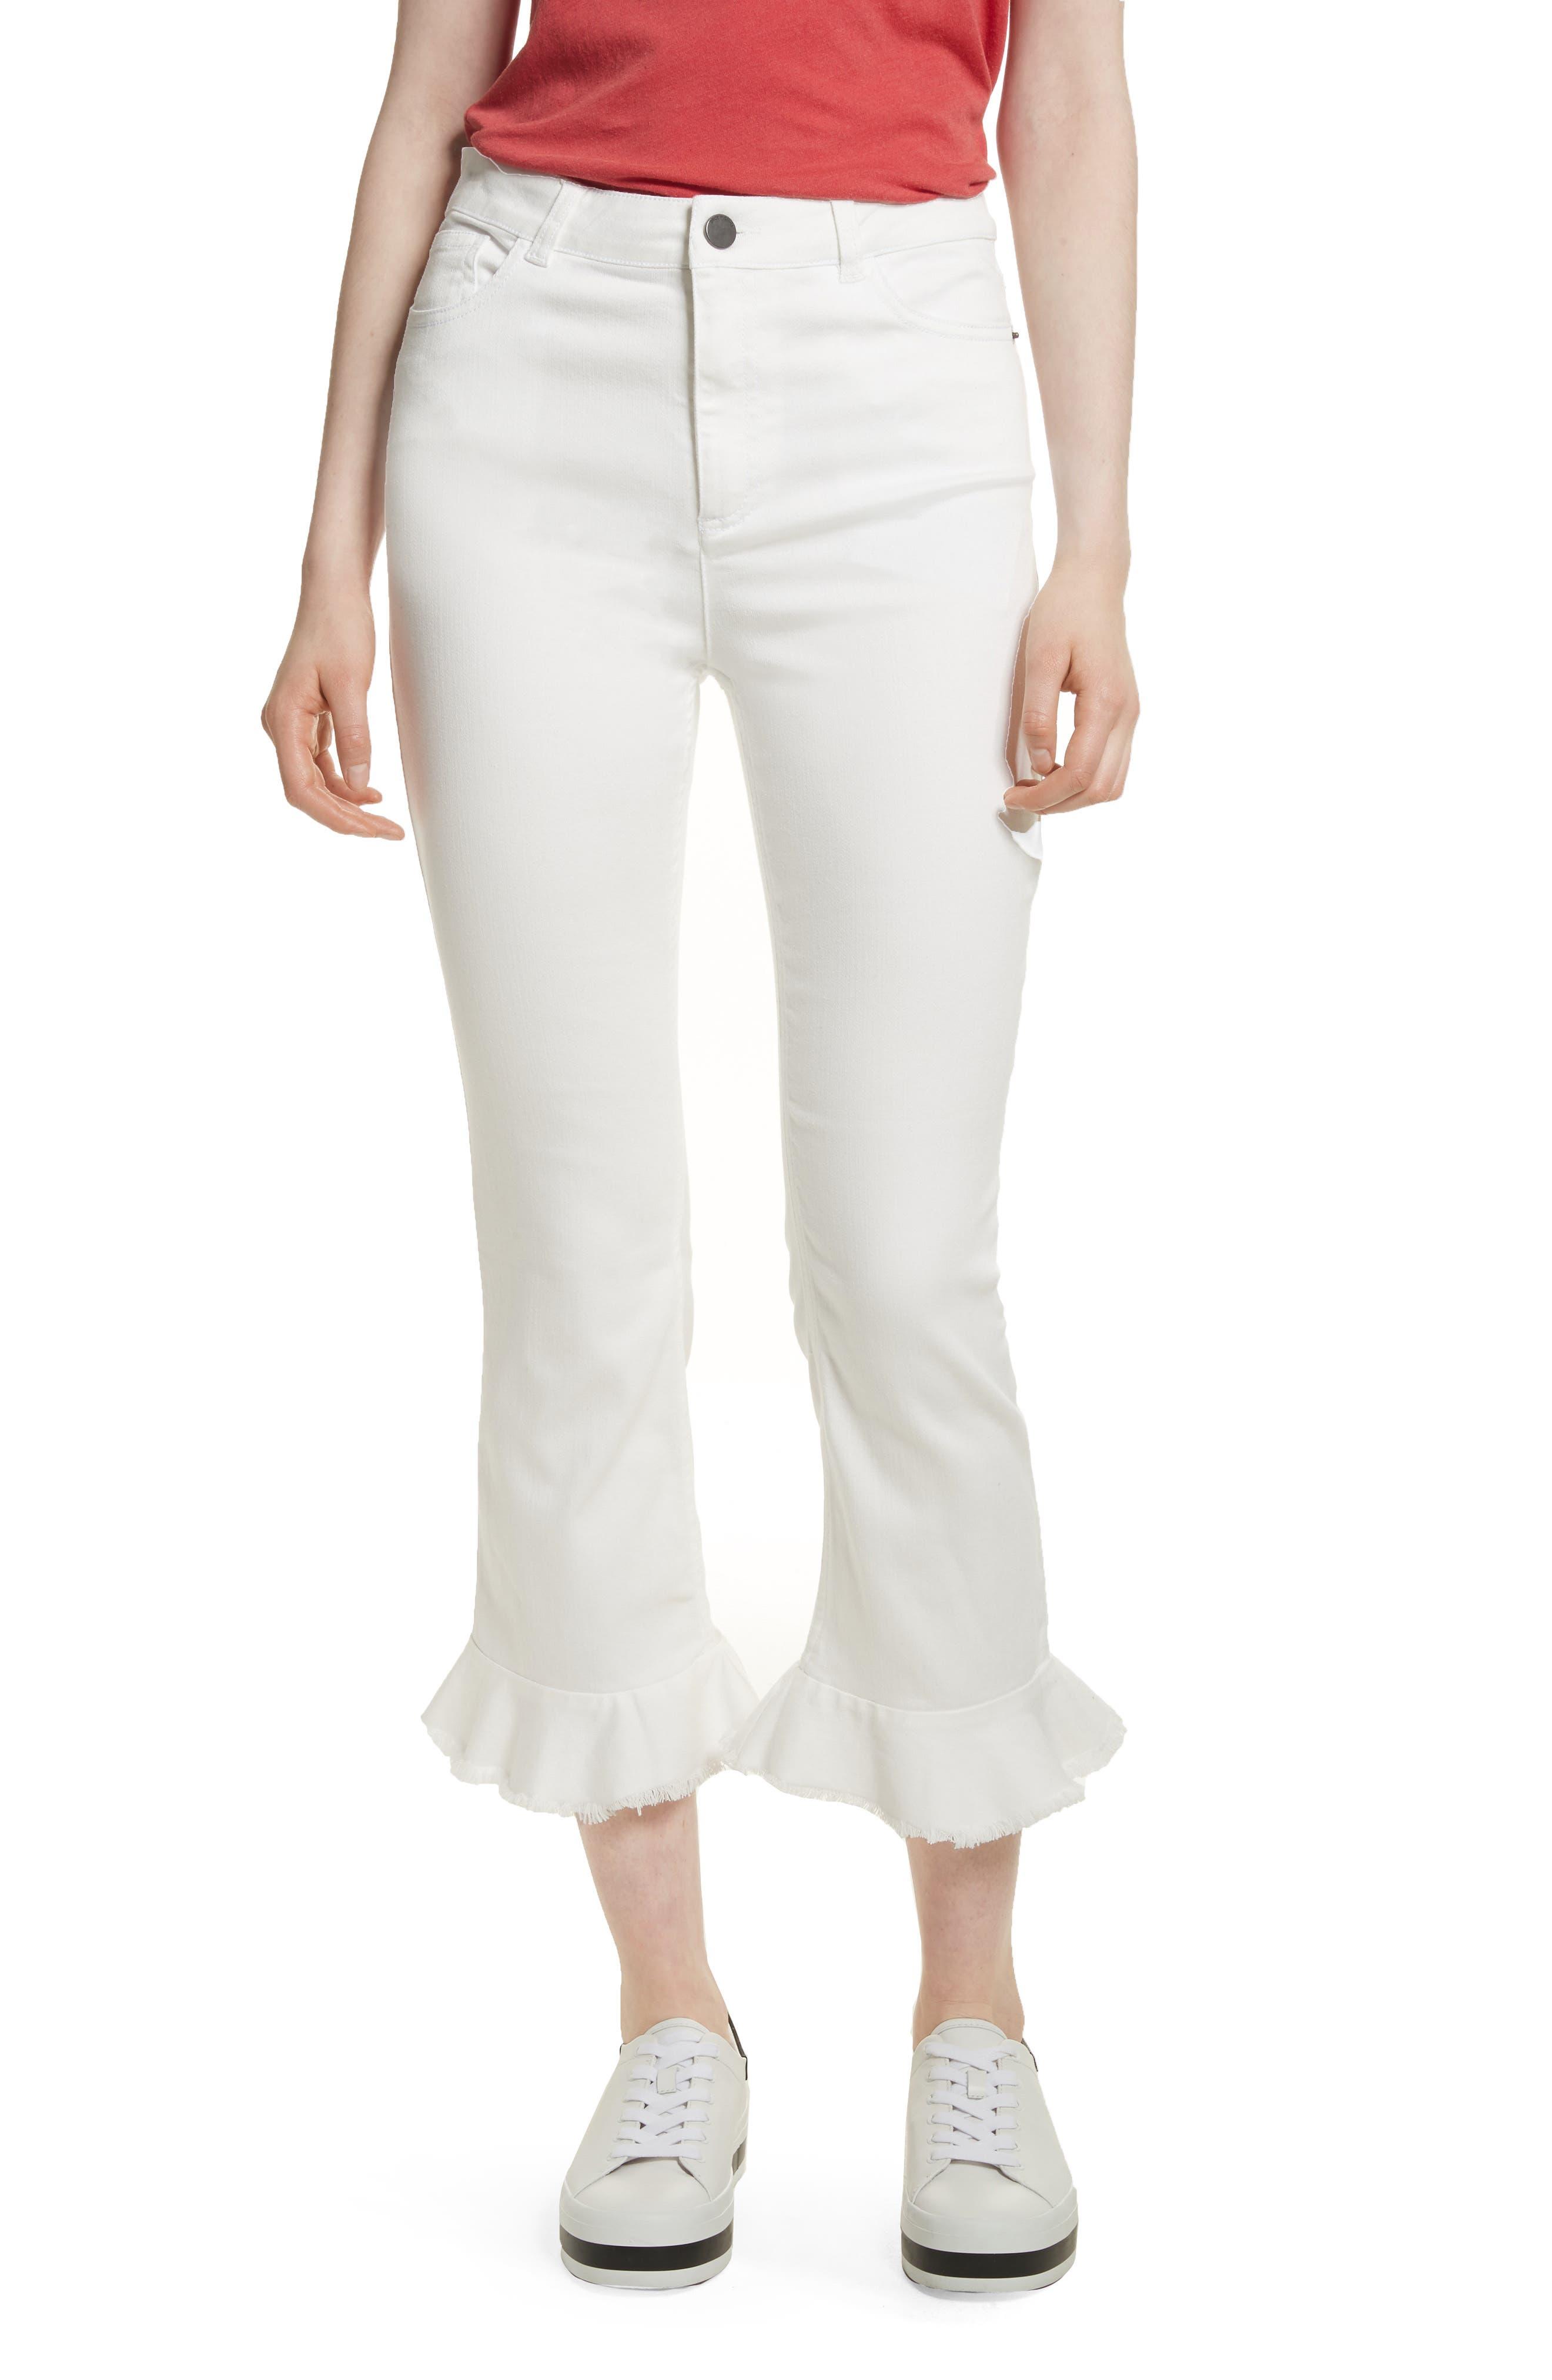 AO.LA Zoe Ruffle Hem Crop Jeans,                             Main thumbnail 1, color,                             100